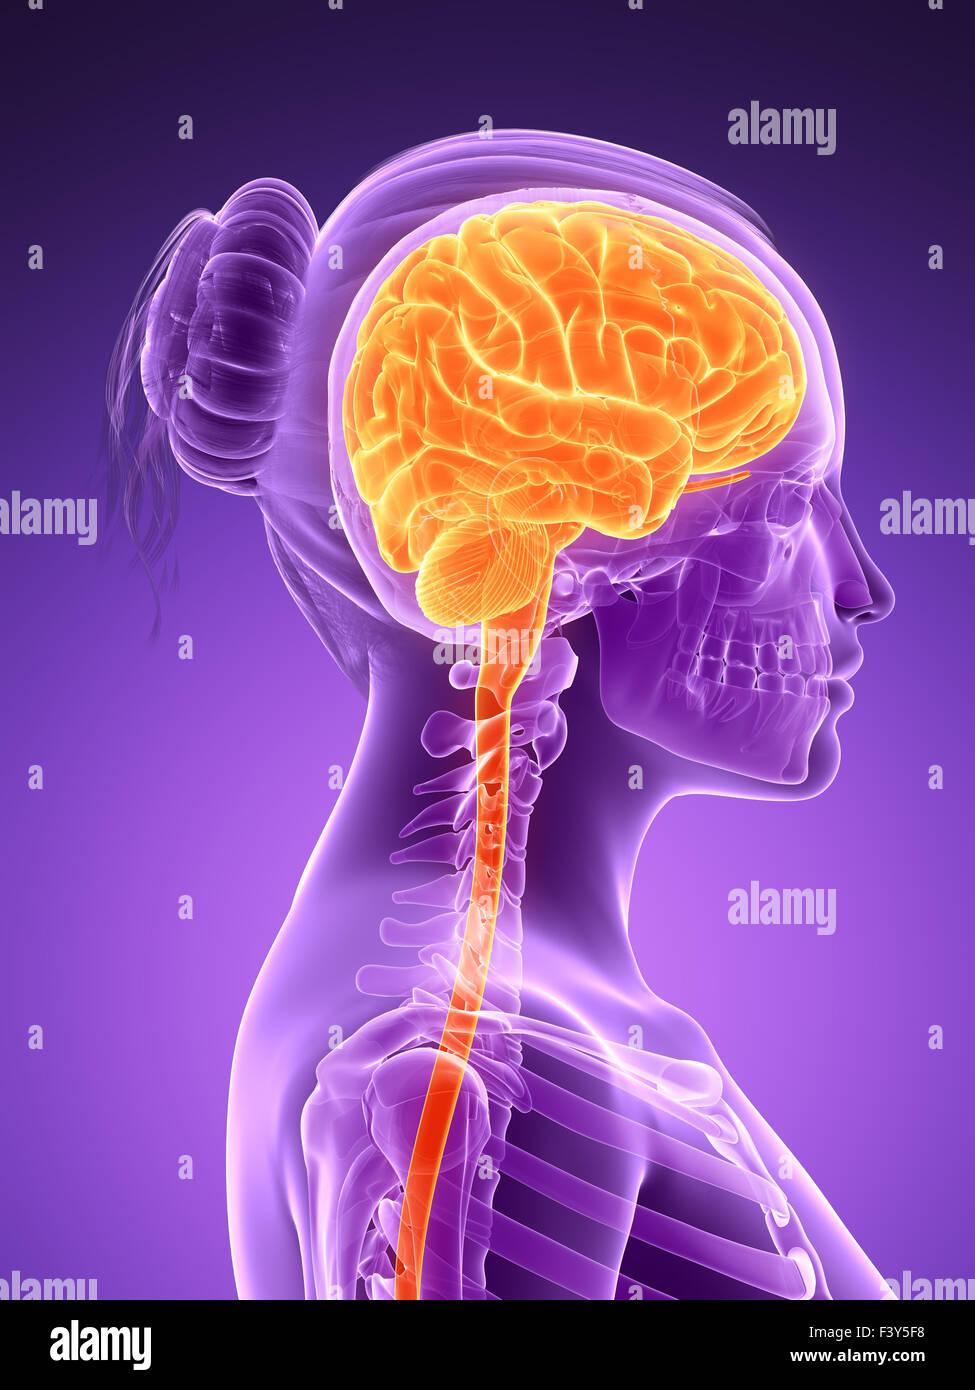 3d rendered illustration - female brain - Stock Image